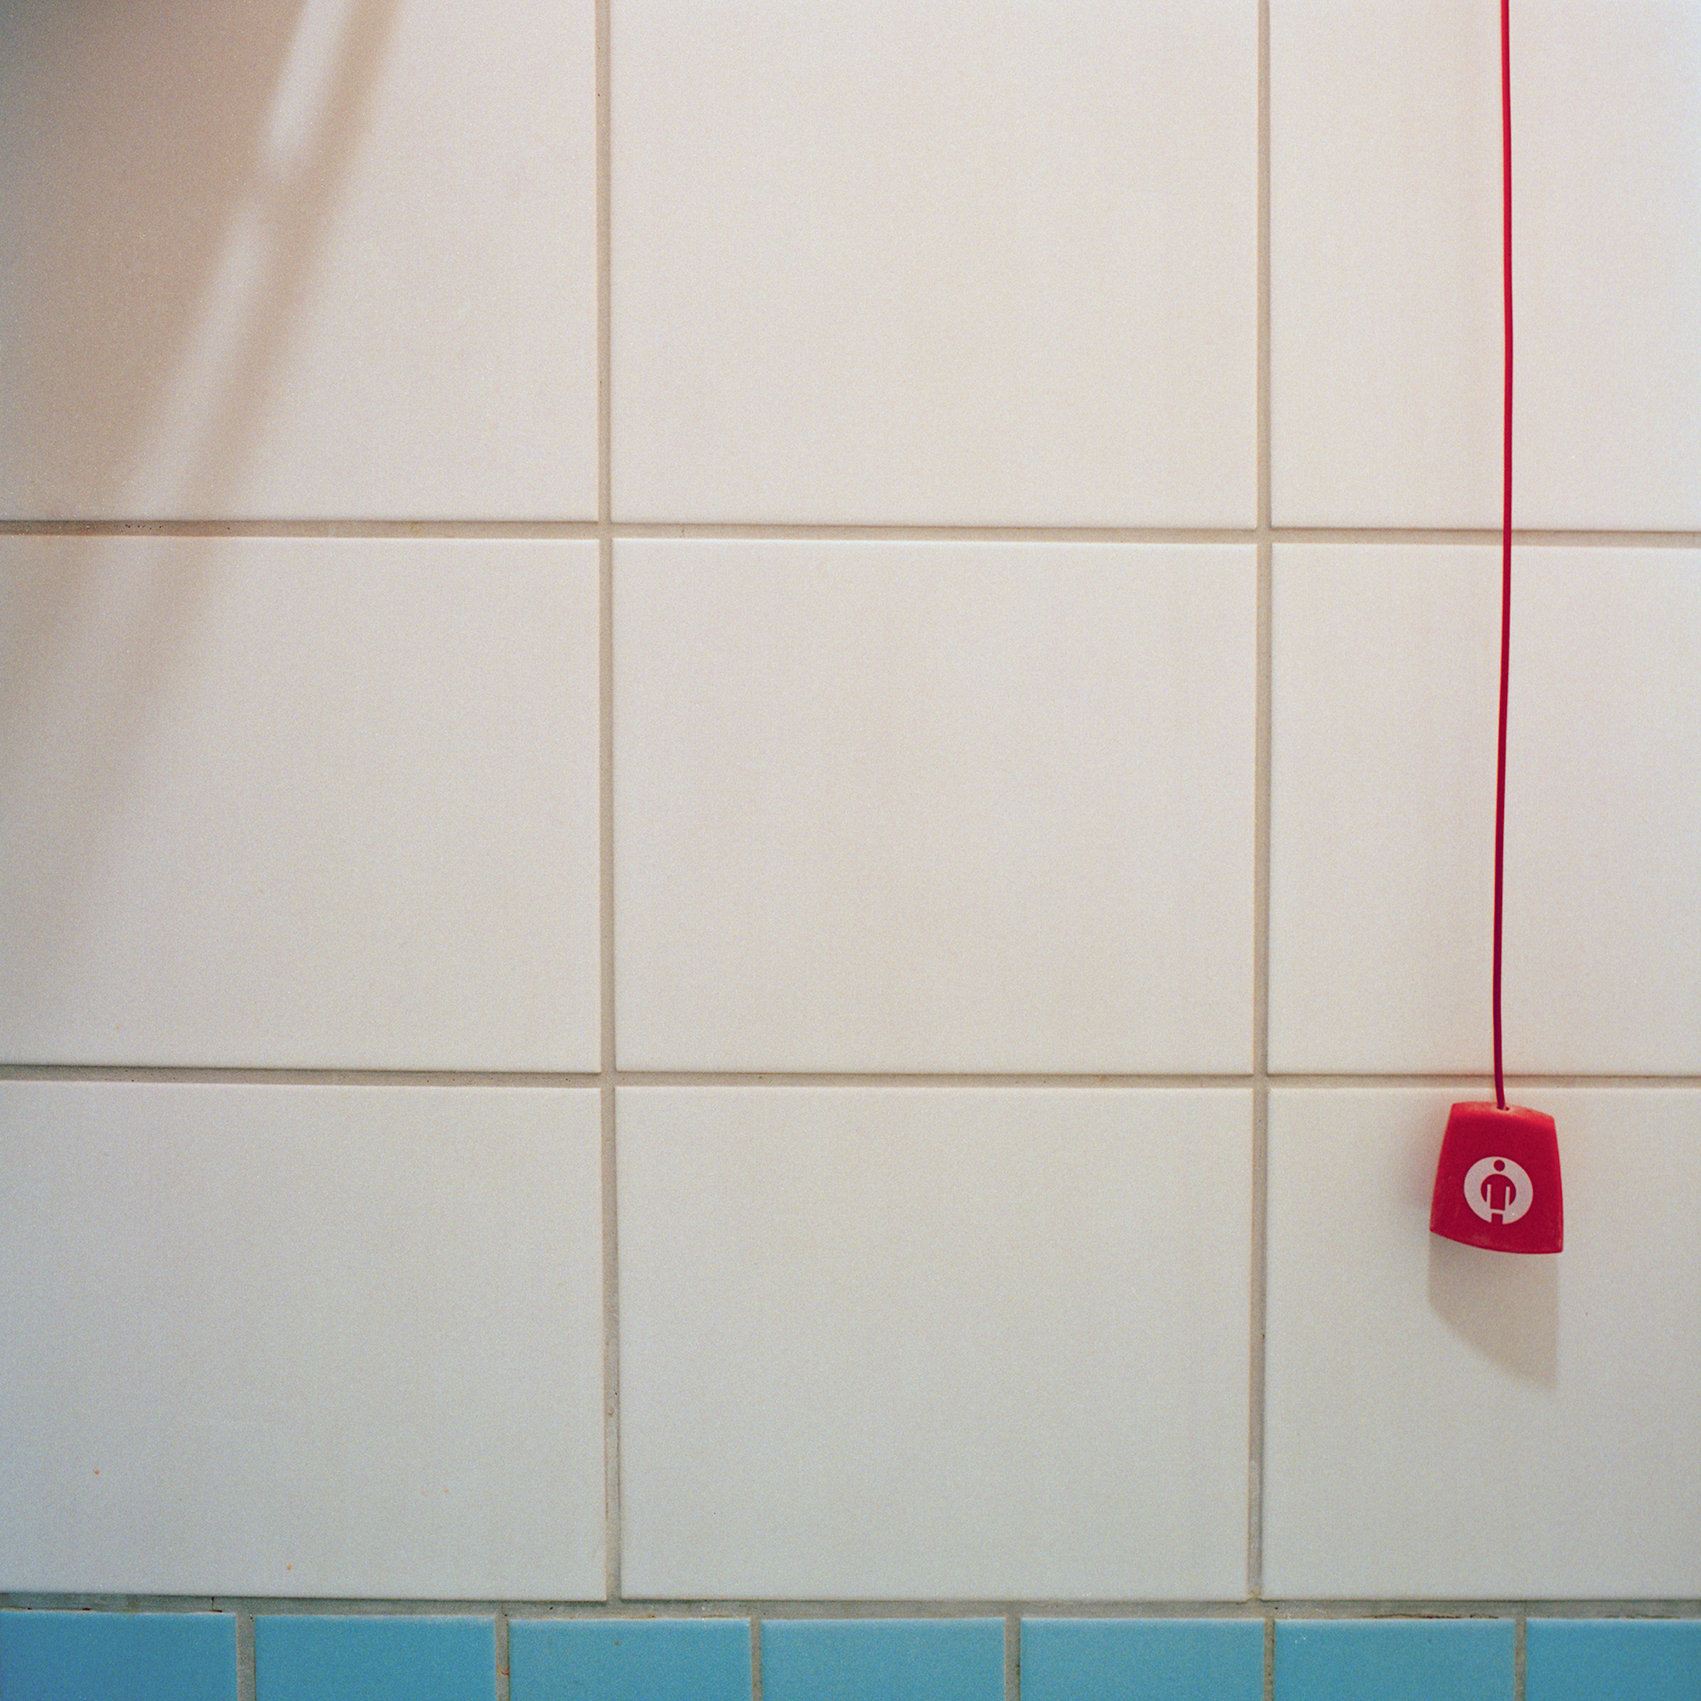 Luise-Kiesselbach-Haus (Kuratorium Wohnen im Alter) , Muenchen. Detail von Badezimmer im Gaestezimmer in der Einrichtung Luise-Kiesselbach in der Graf Lehndorf Strasse 24, Muenchen am 18. Januar 2011. Fotograf: Evi Lemberger